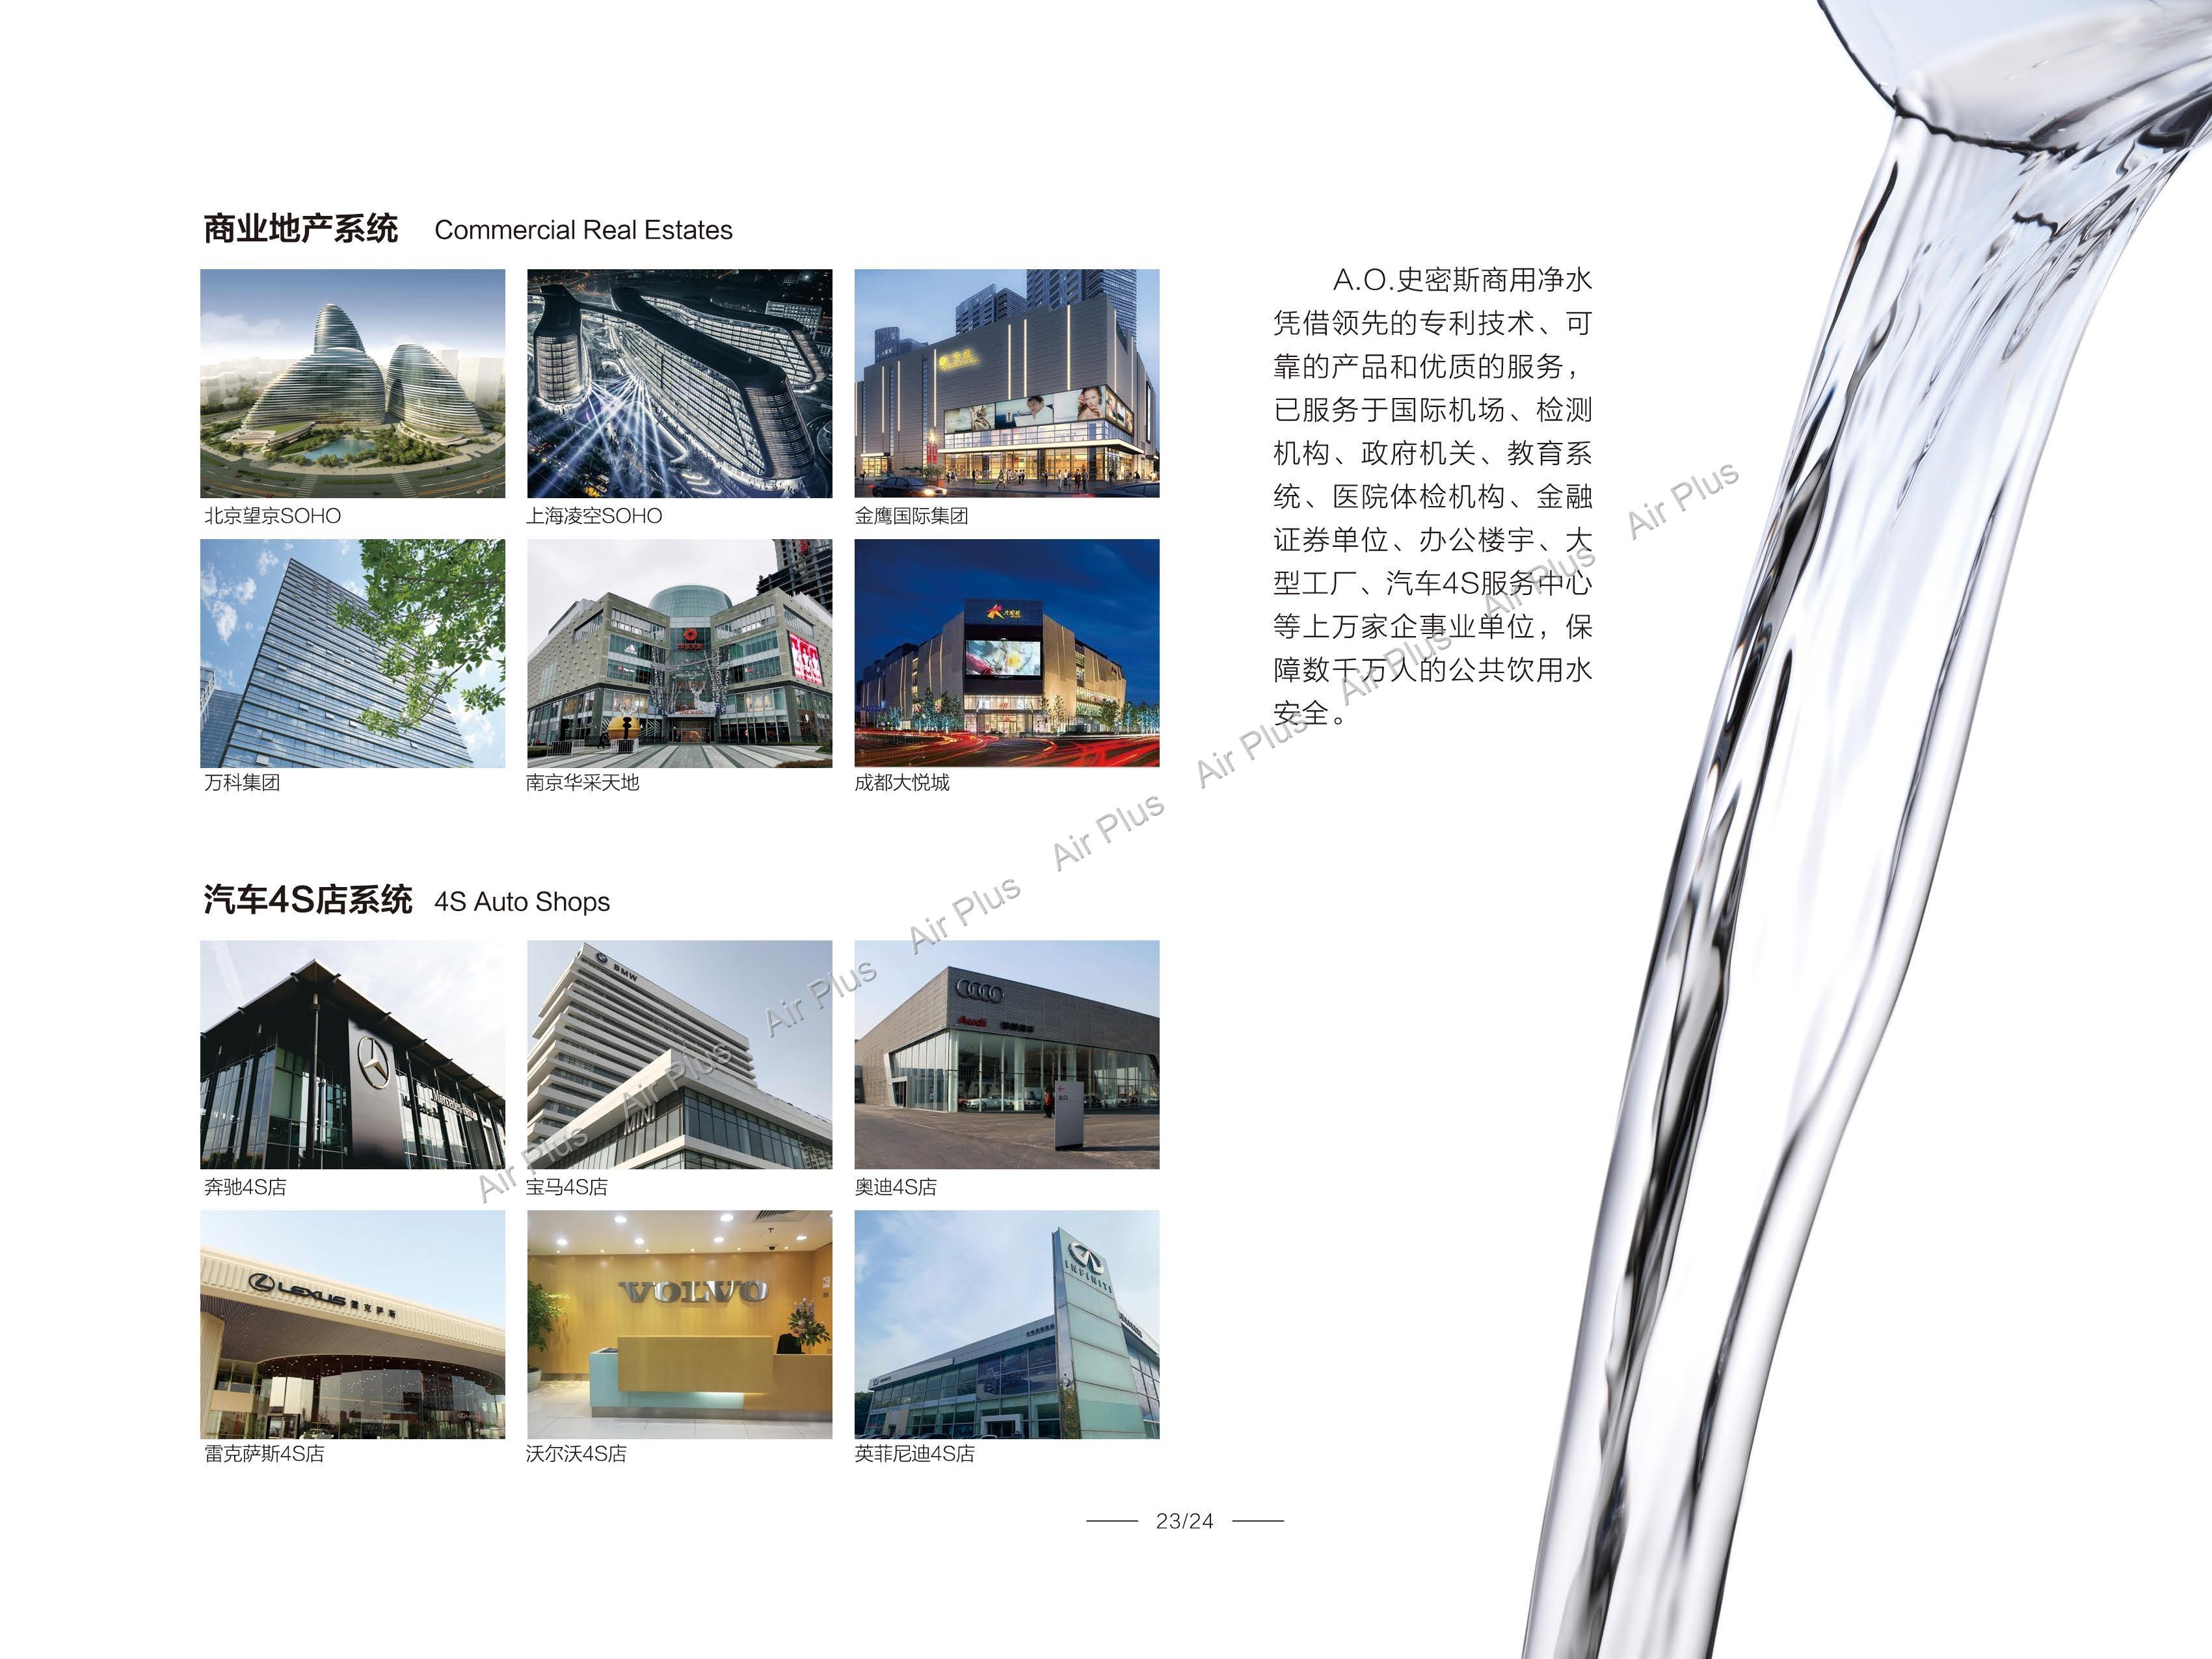 A.O.SMITH商用净水产品手册 手机端(1)_页面_25.jpg